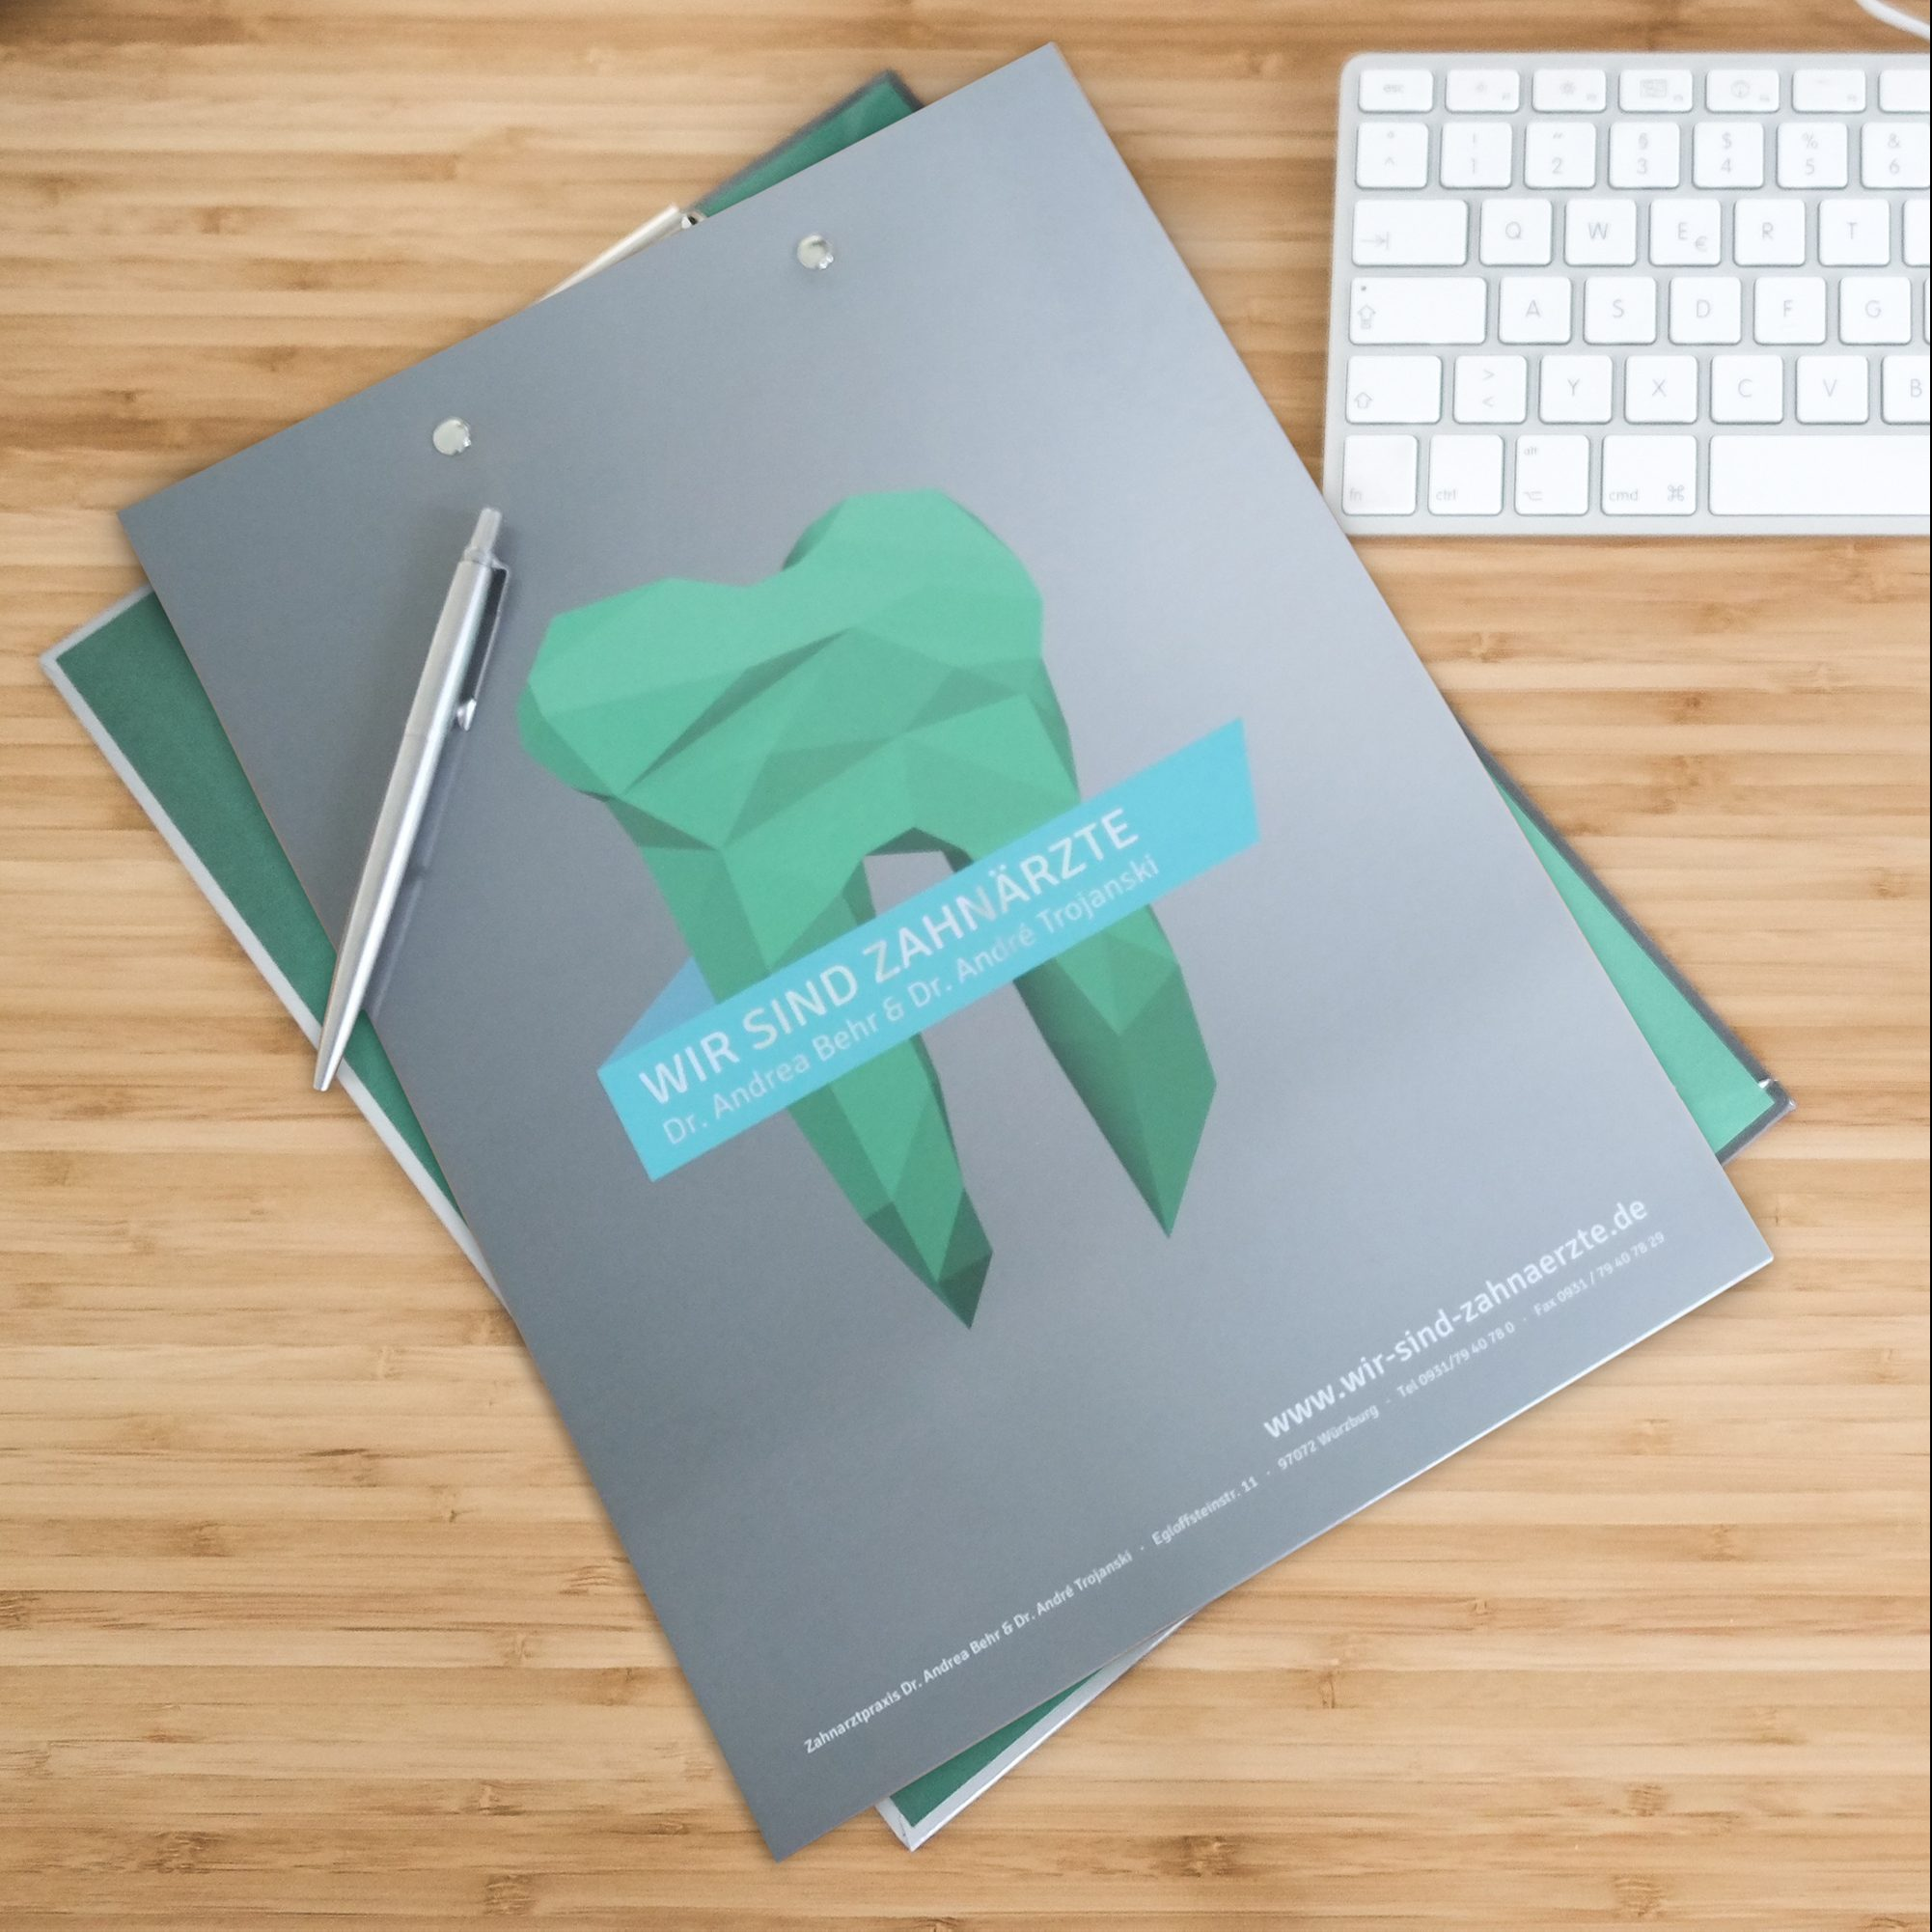 Trojanski Zahnärzte Corporate Design Markenkreation jos büro für Gestaltung Würzburg